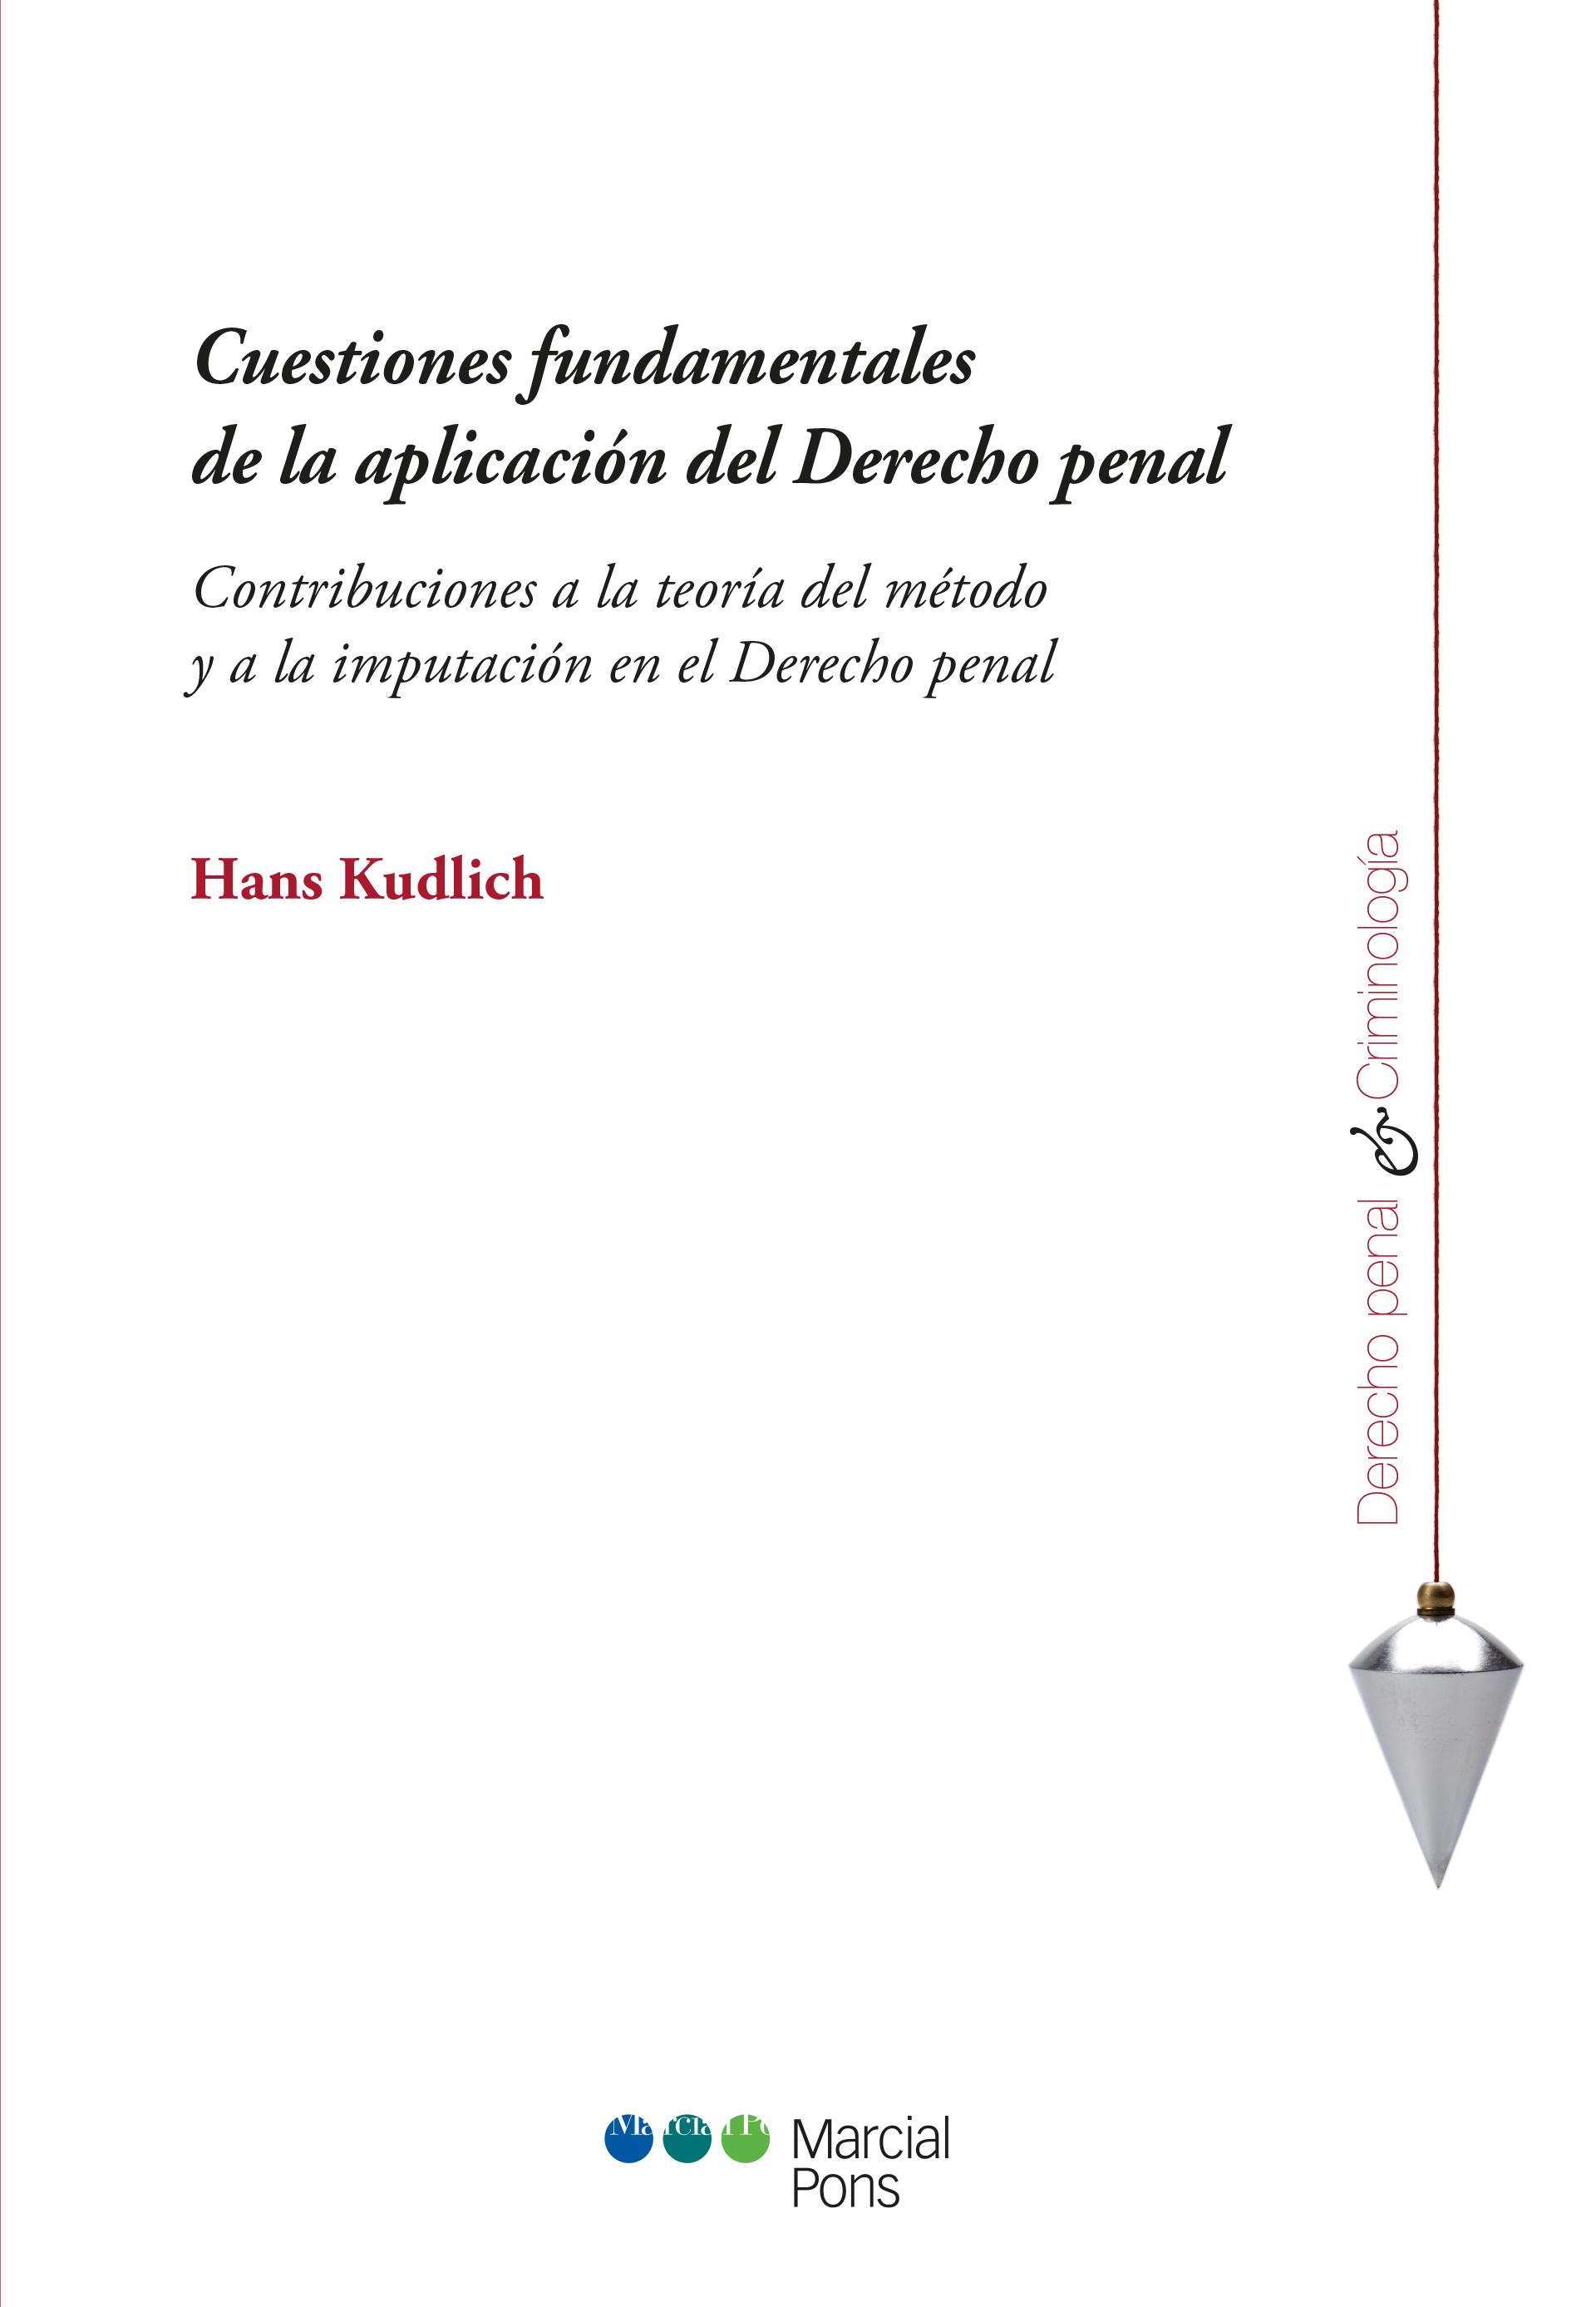 Portada del libro Cuestiones fundamentales de la aplicación del Derecho penal